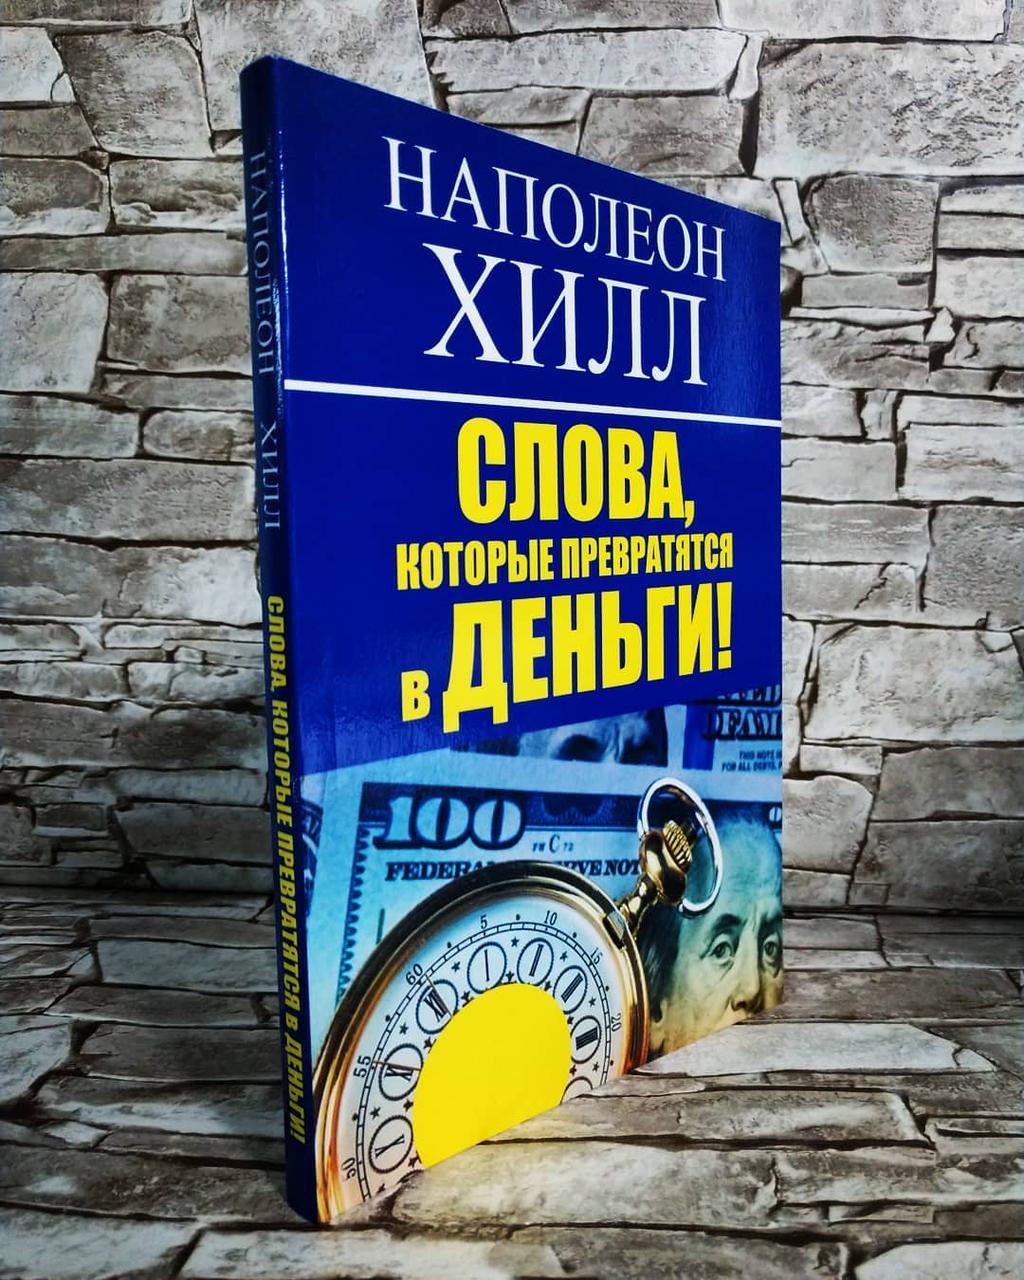 """Книга """"Слова, которые превратятся в деньги!""""  Наполеон Хилл"""